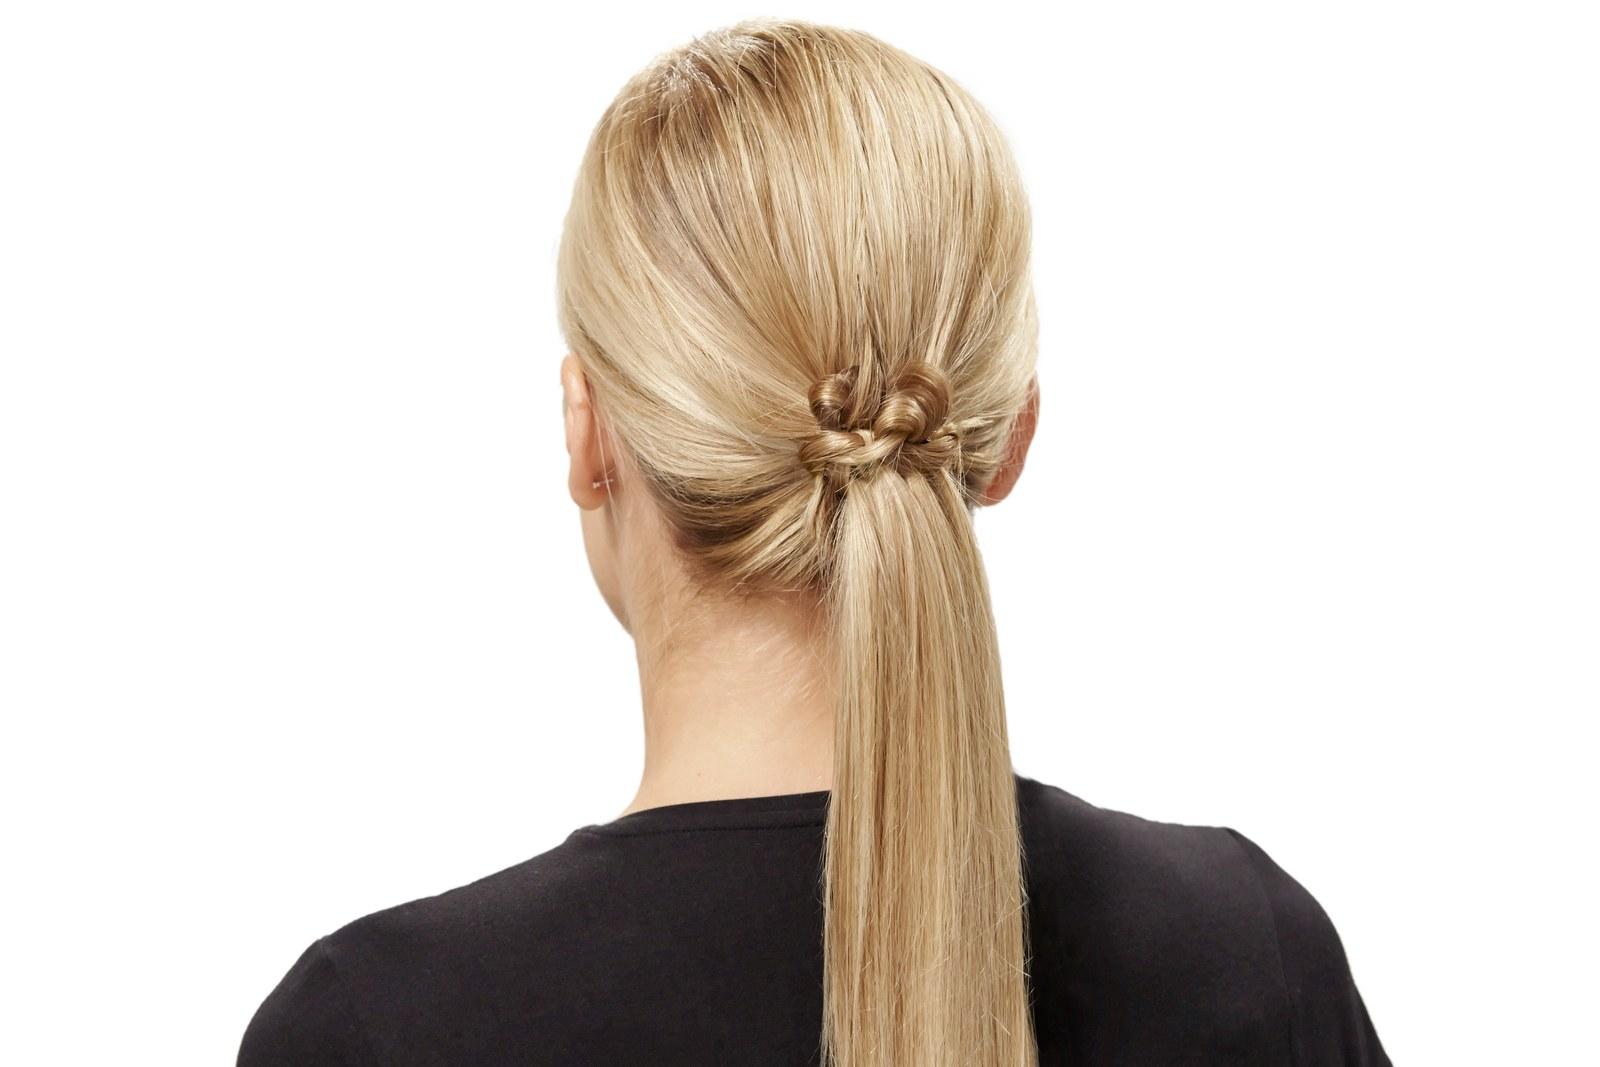 coleta baja super original, ideas de peinados recogidos faciles 2019, largo cabello rubio alisado